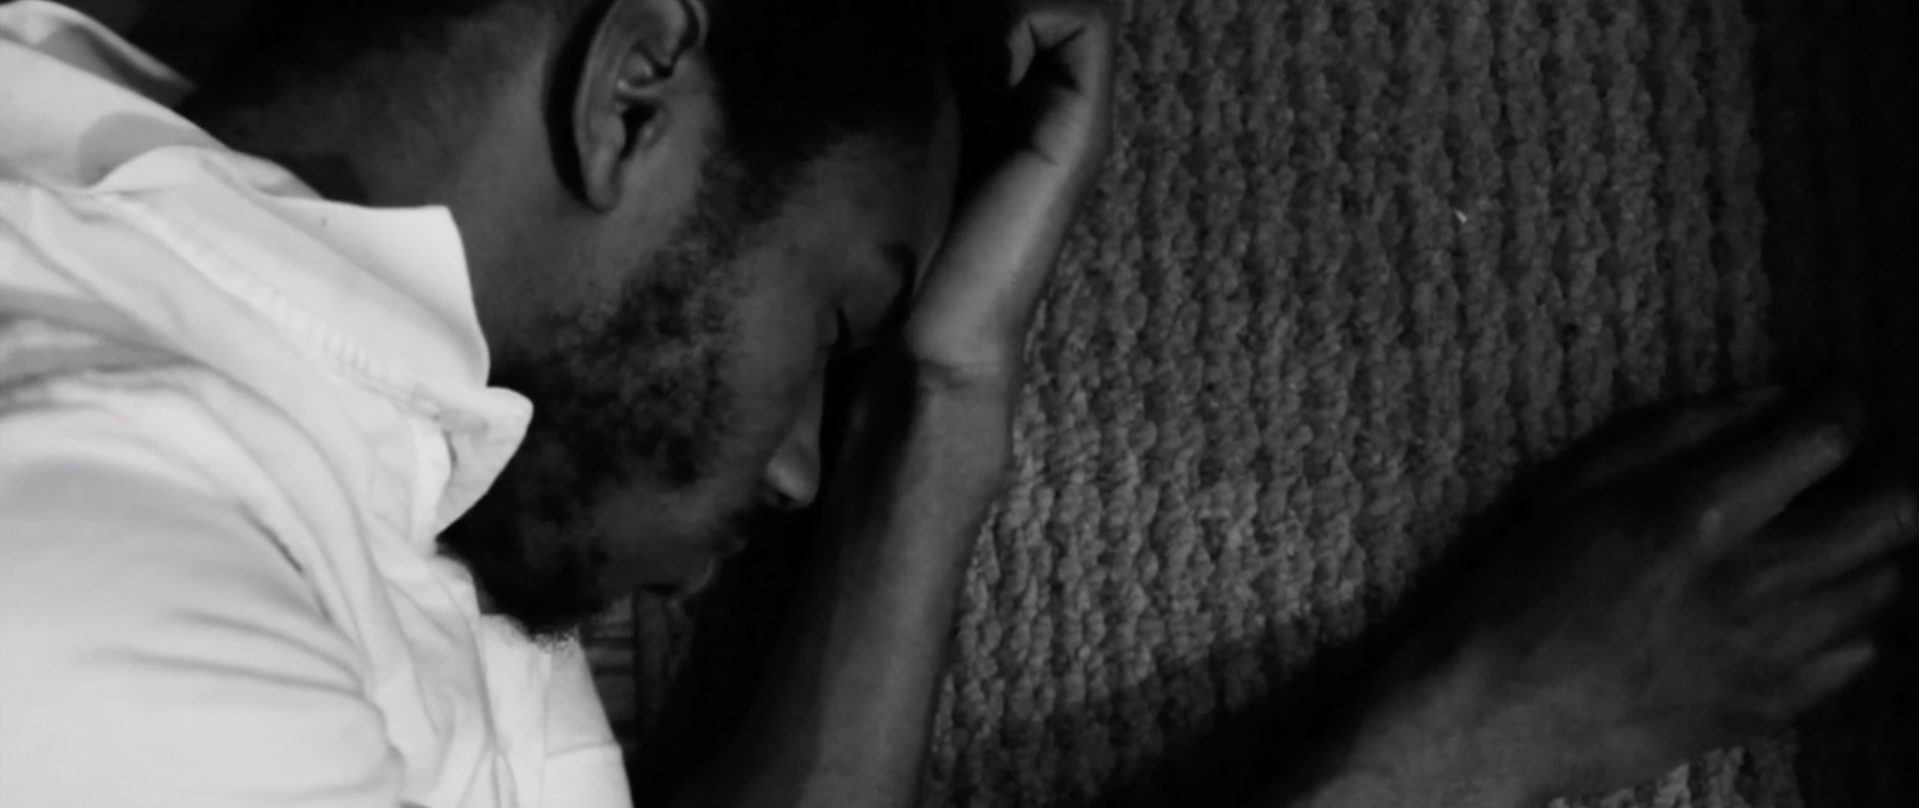 Video Still: On the Ground Sleeping, 2014